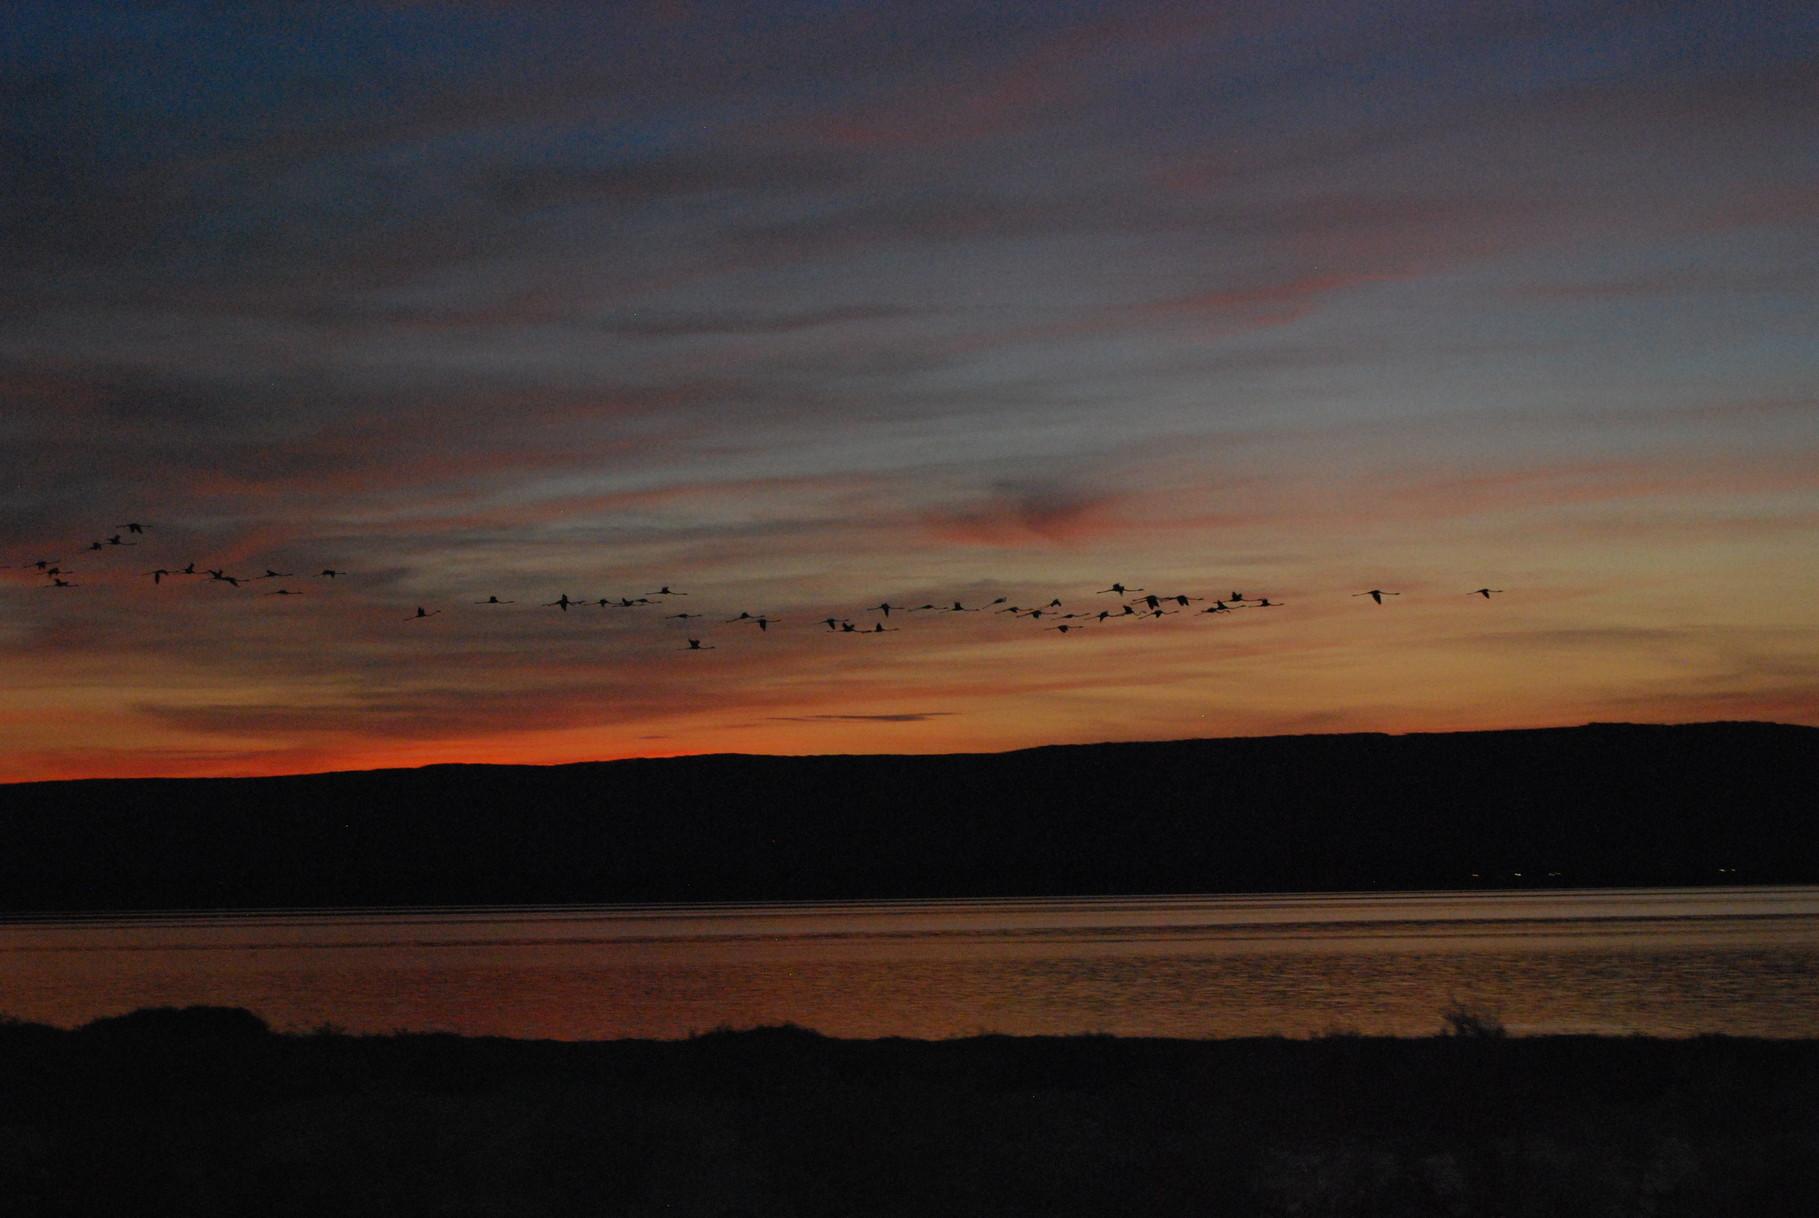 Sonnenuntergang in der Camargue mit fliegendem Schwarm Flamingos